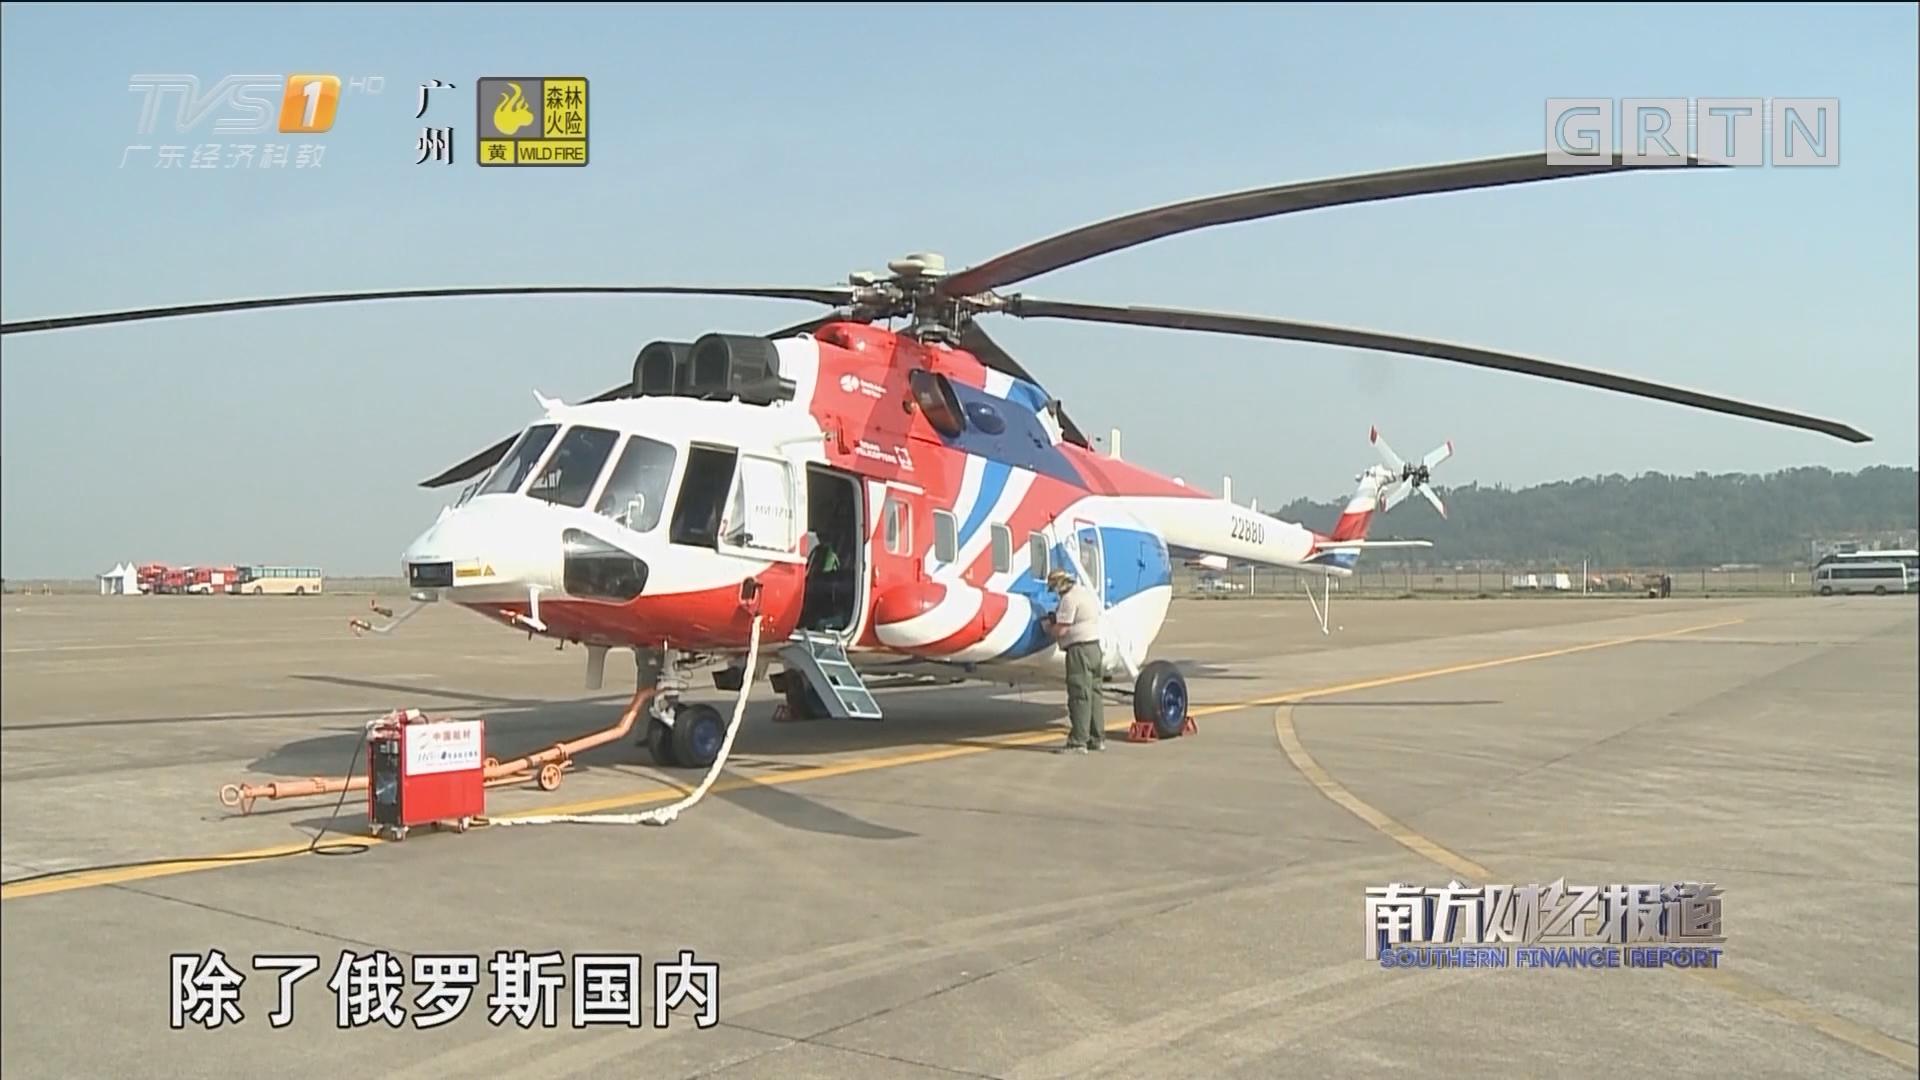 聚焦珠海航展 记者直击俄罗斯直升机表演